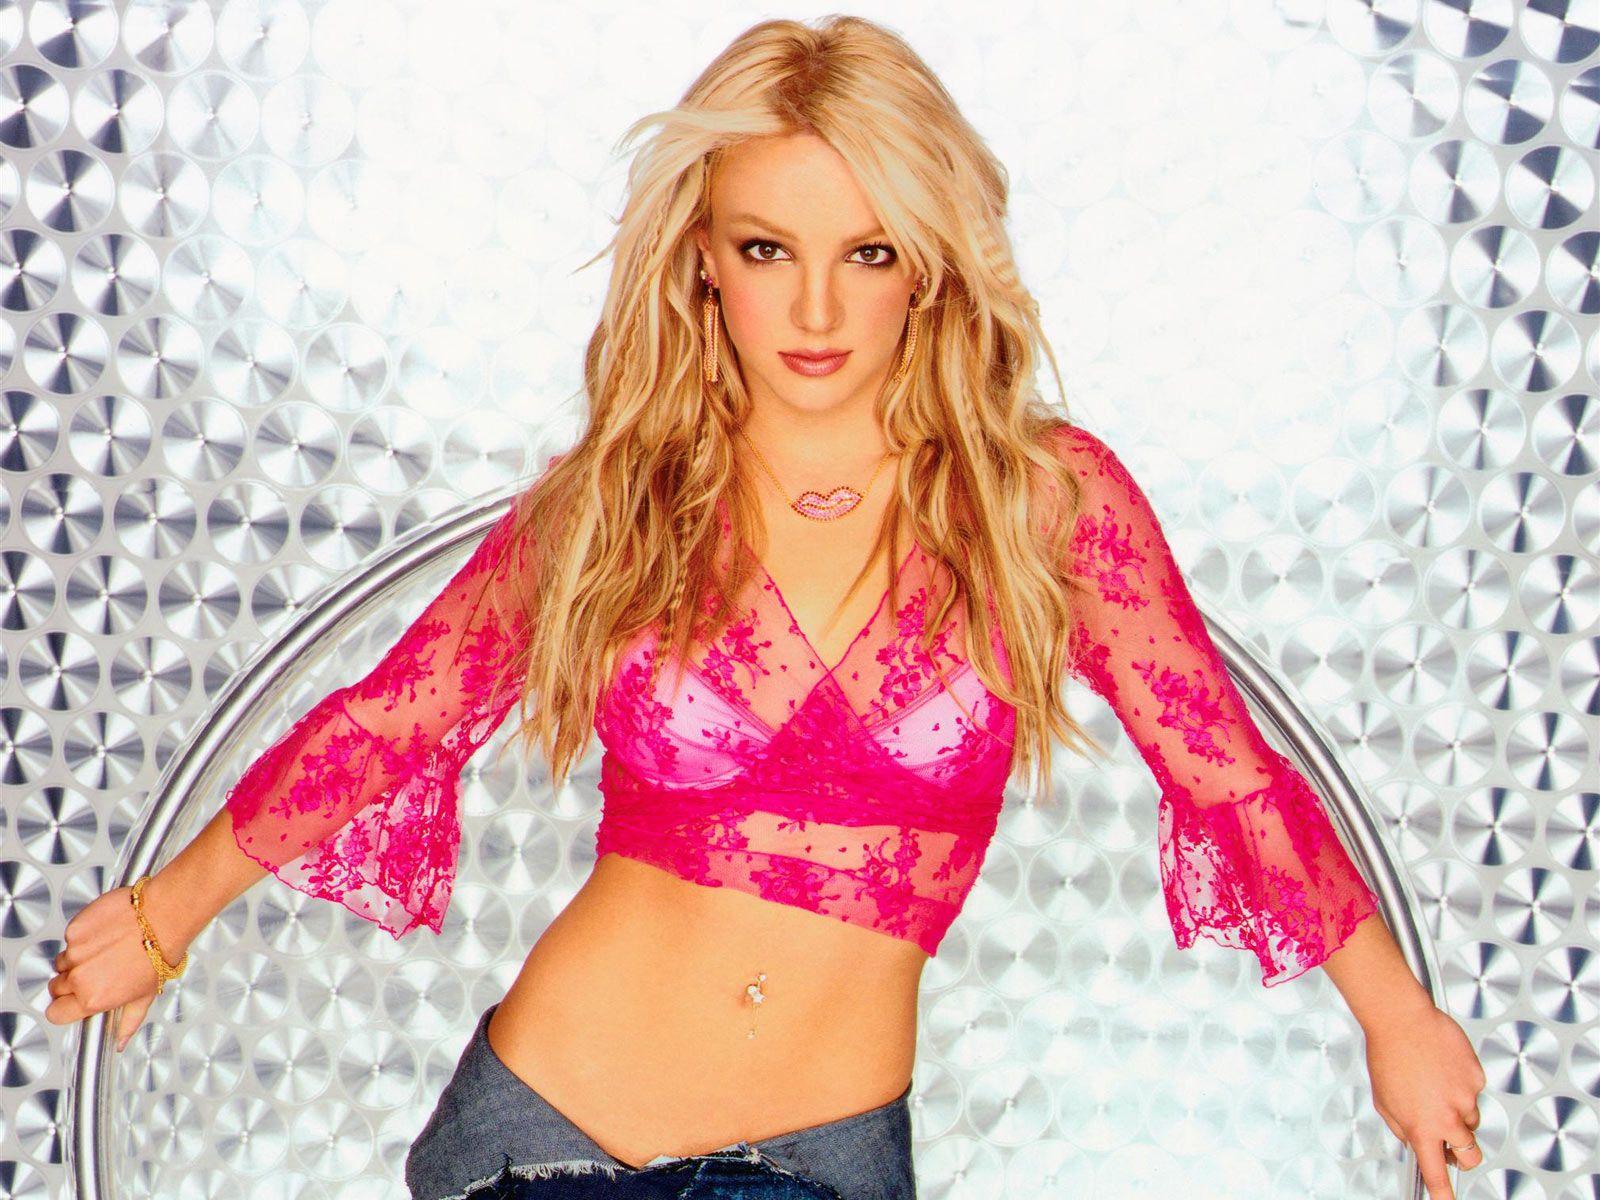 http://4.bp.blogspot.com/-buEwpJDVTkU/TpQtEMQ4K7I/AAAAAAAAAoM/Eml0DqcJVwQ/s1600/Britney+Spears+www.paul-wolf.blogspot.com.jpg